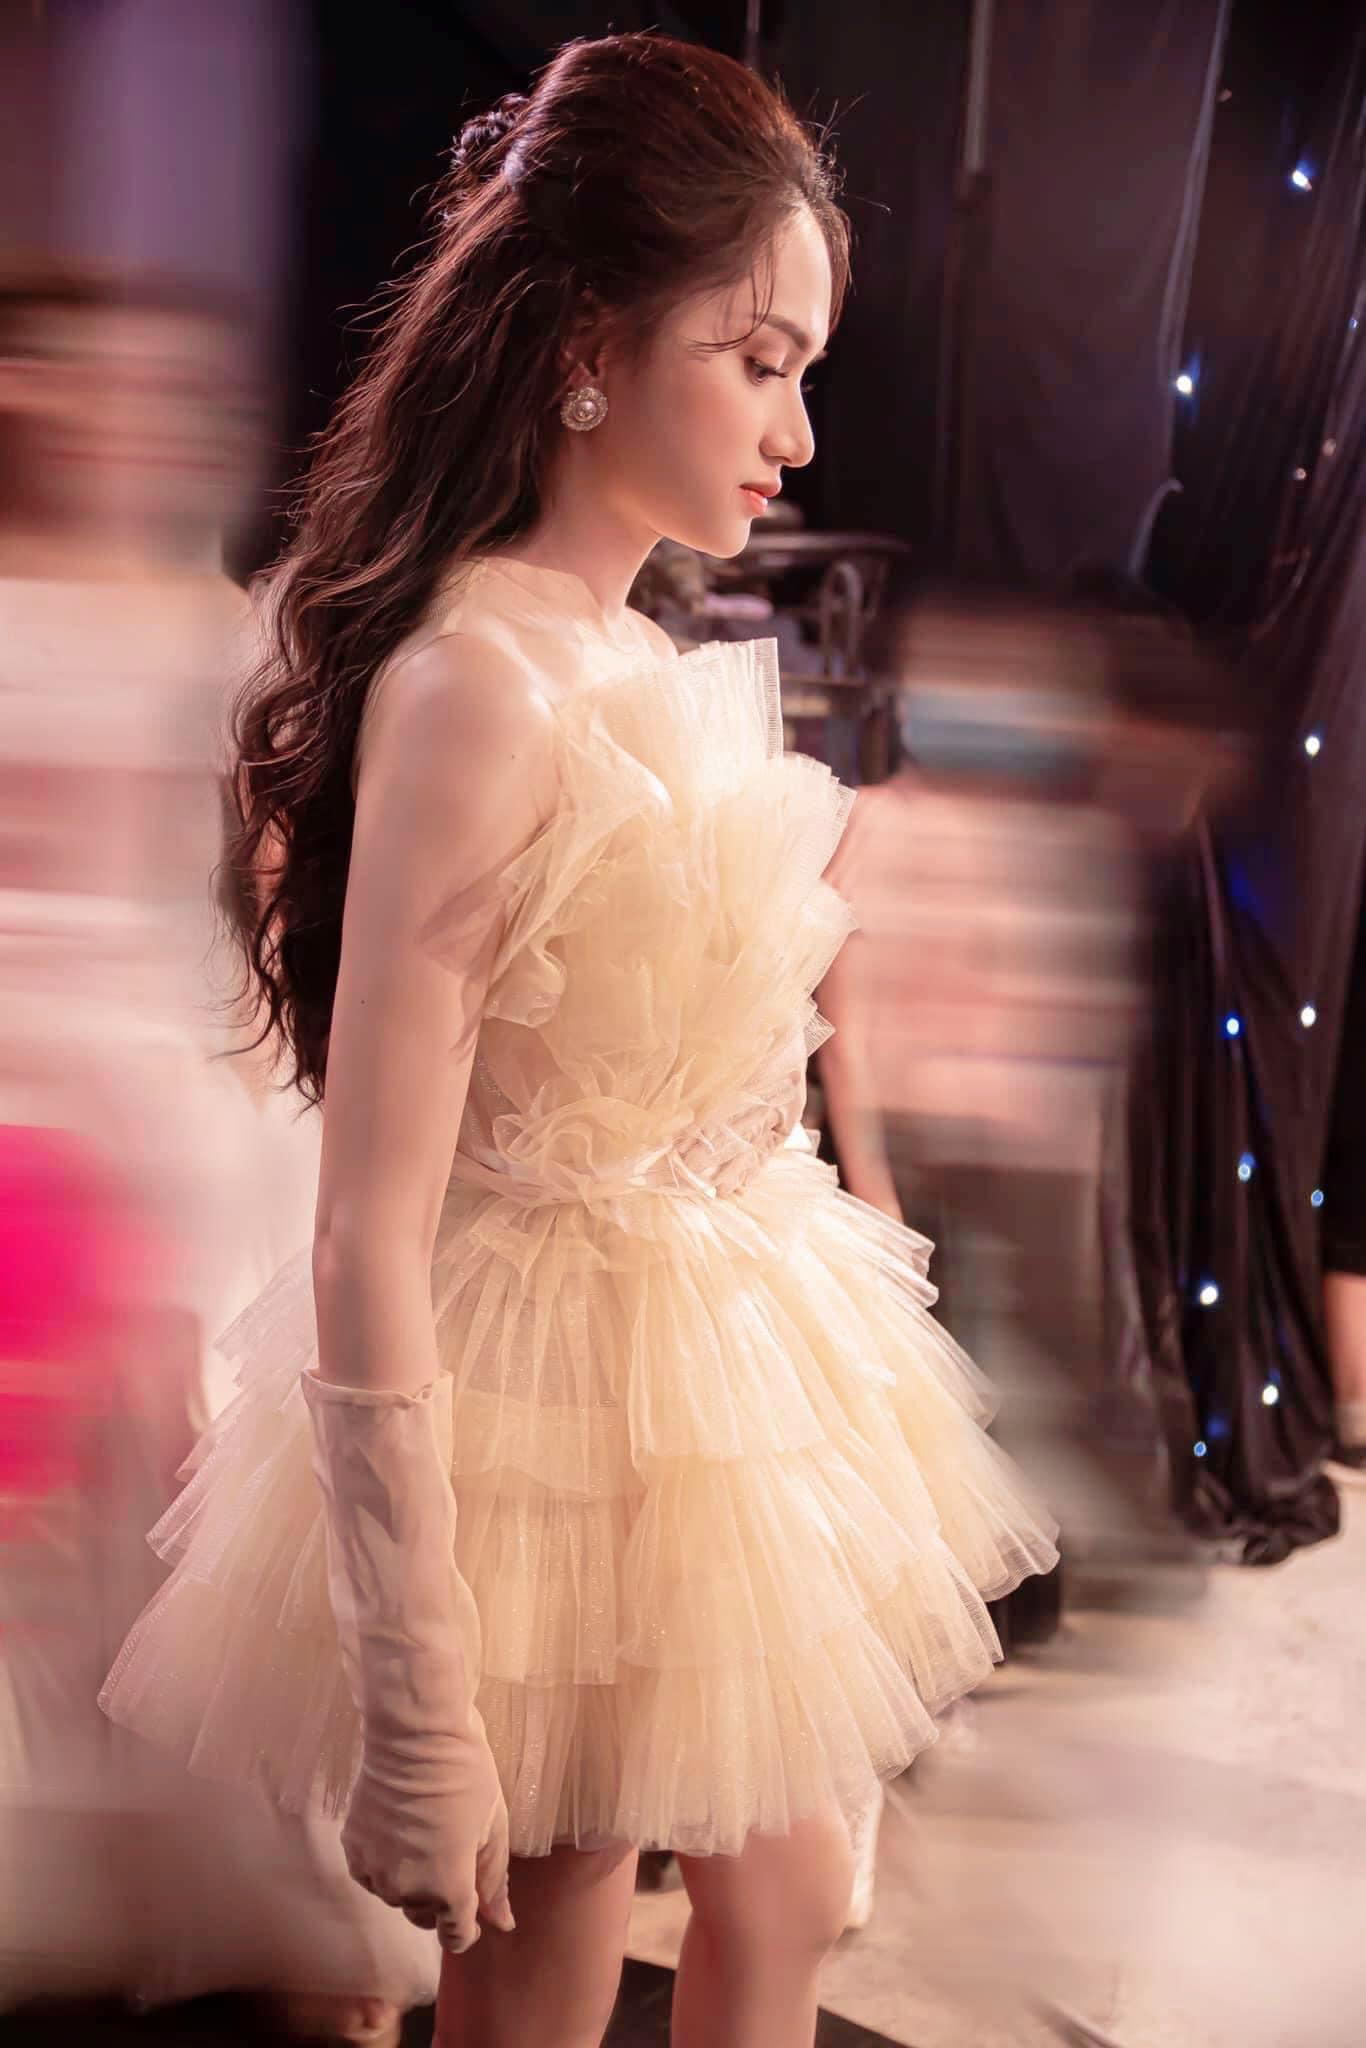 Học lỏm stylist Kpop xén váy để khoe chân dài, Hương Giang cắt luôn 1 tầng váy khi đụng hàng Midu: Nhưng kết quả lại không được như mong đợi - Ảnh 2.